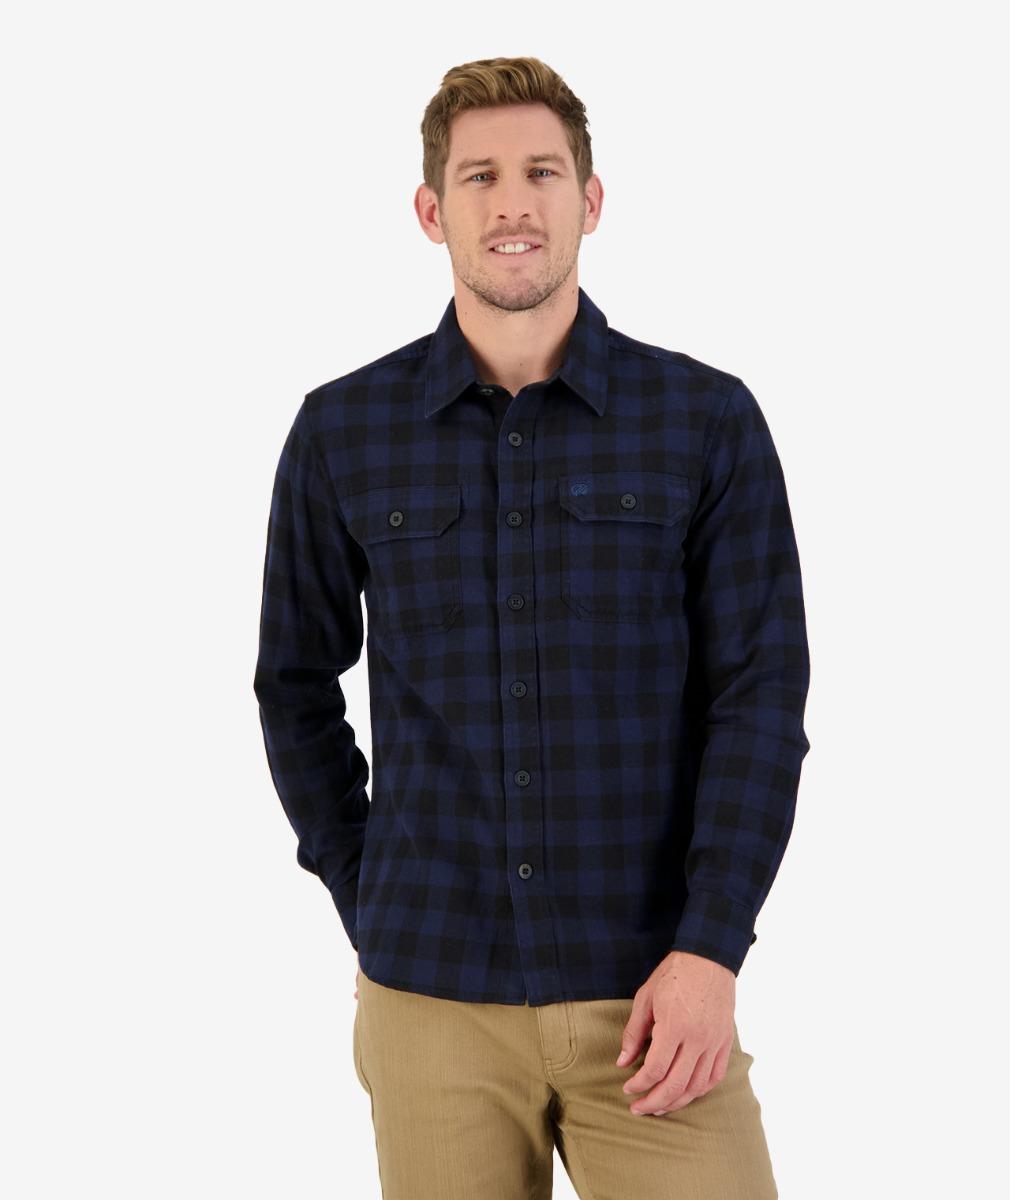 Okato v2 L/S Work Shirt in Navy/Black